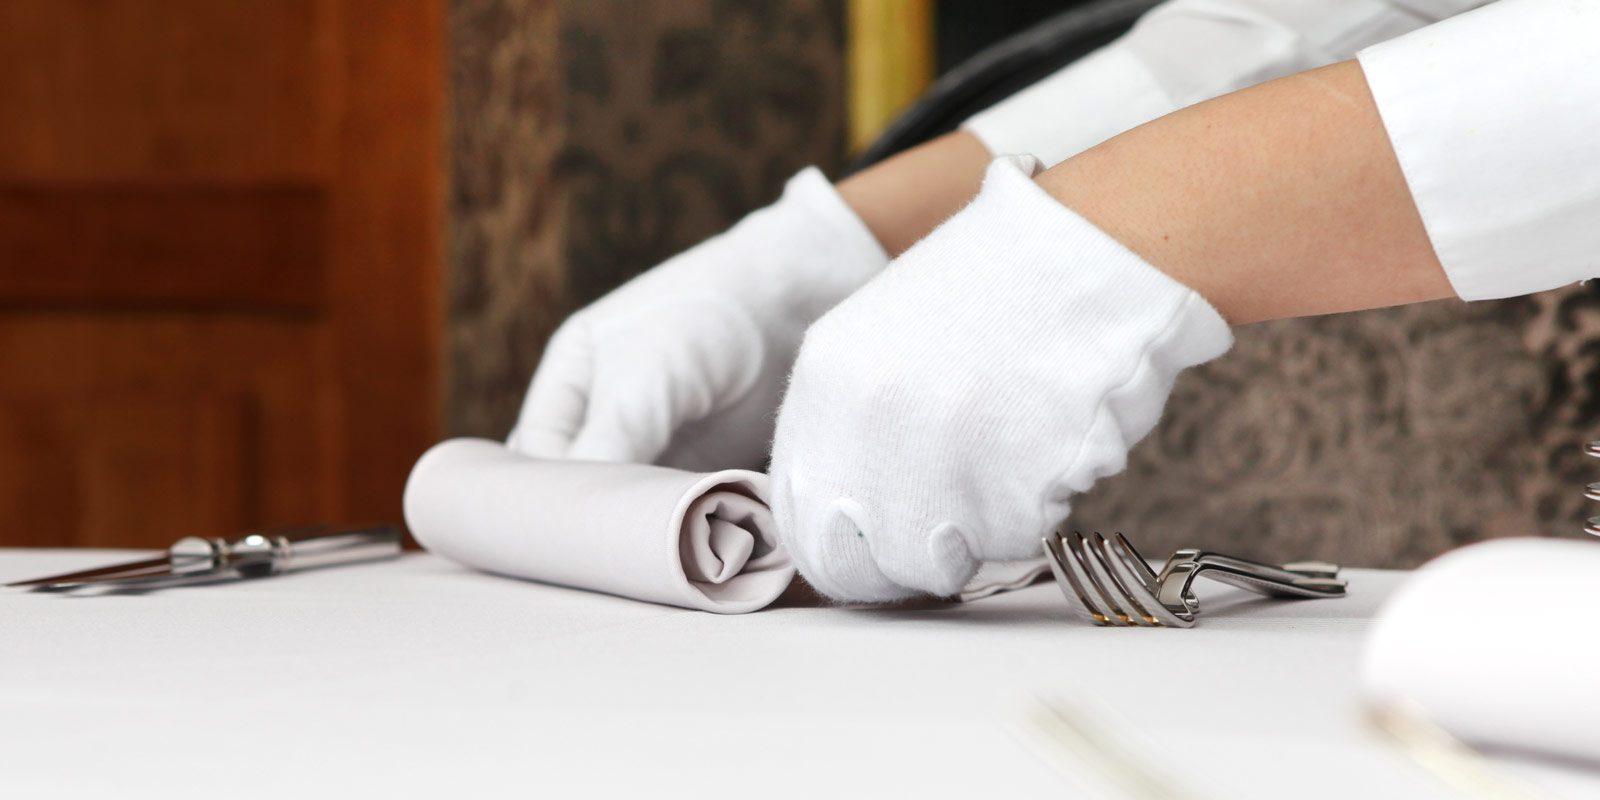 Ausbildung zum Hotelfachmann